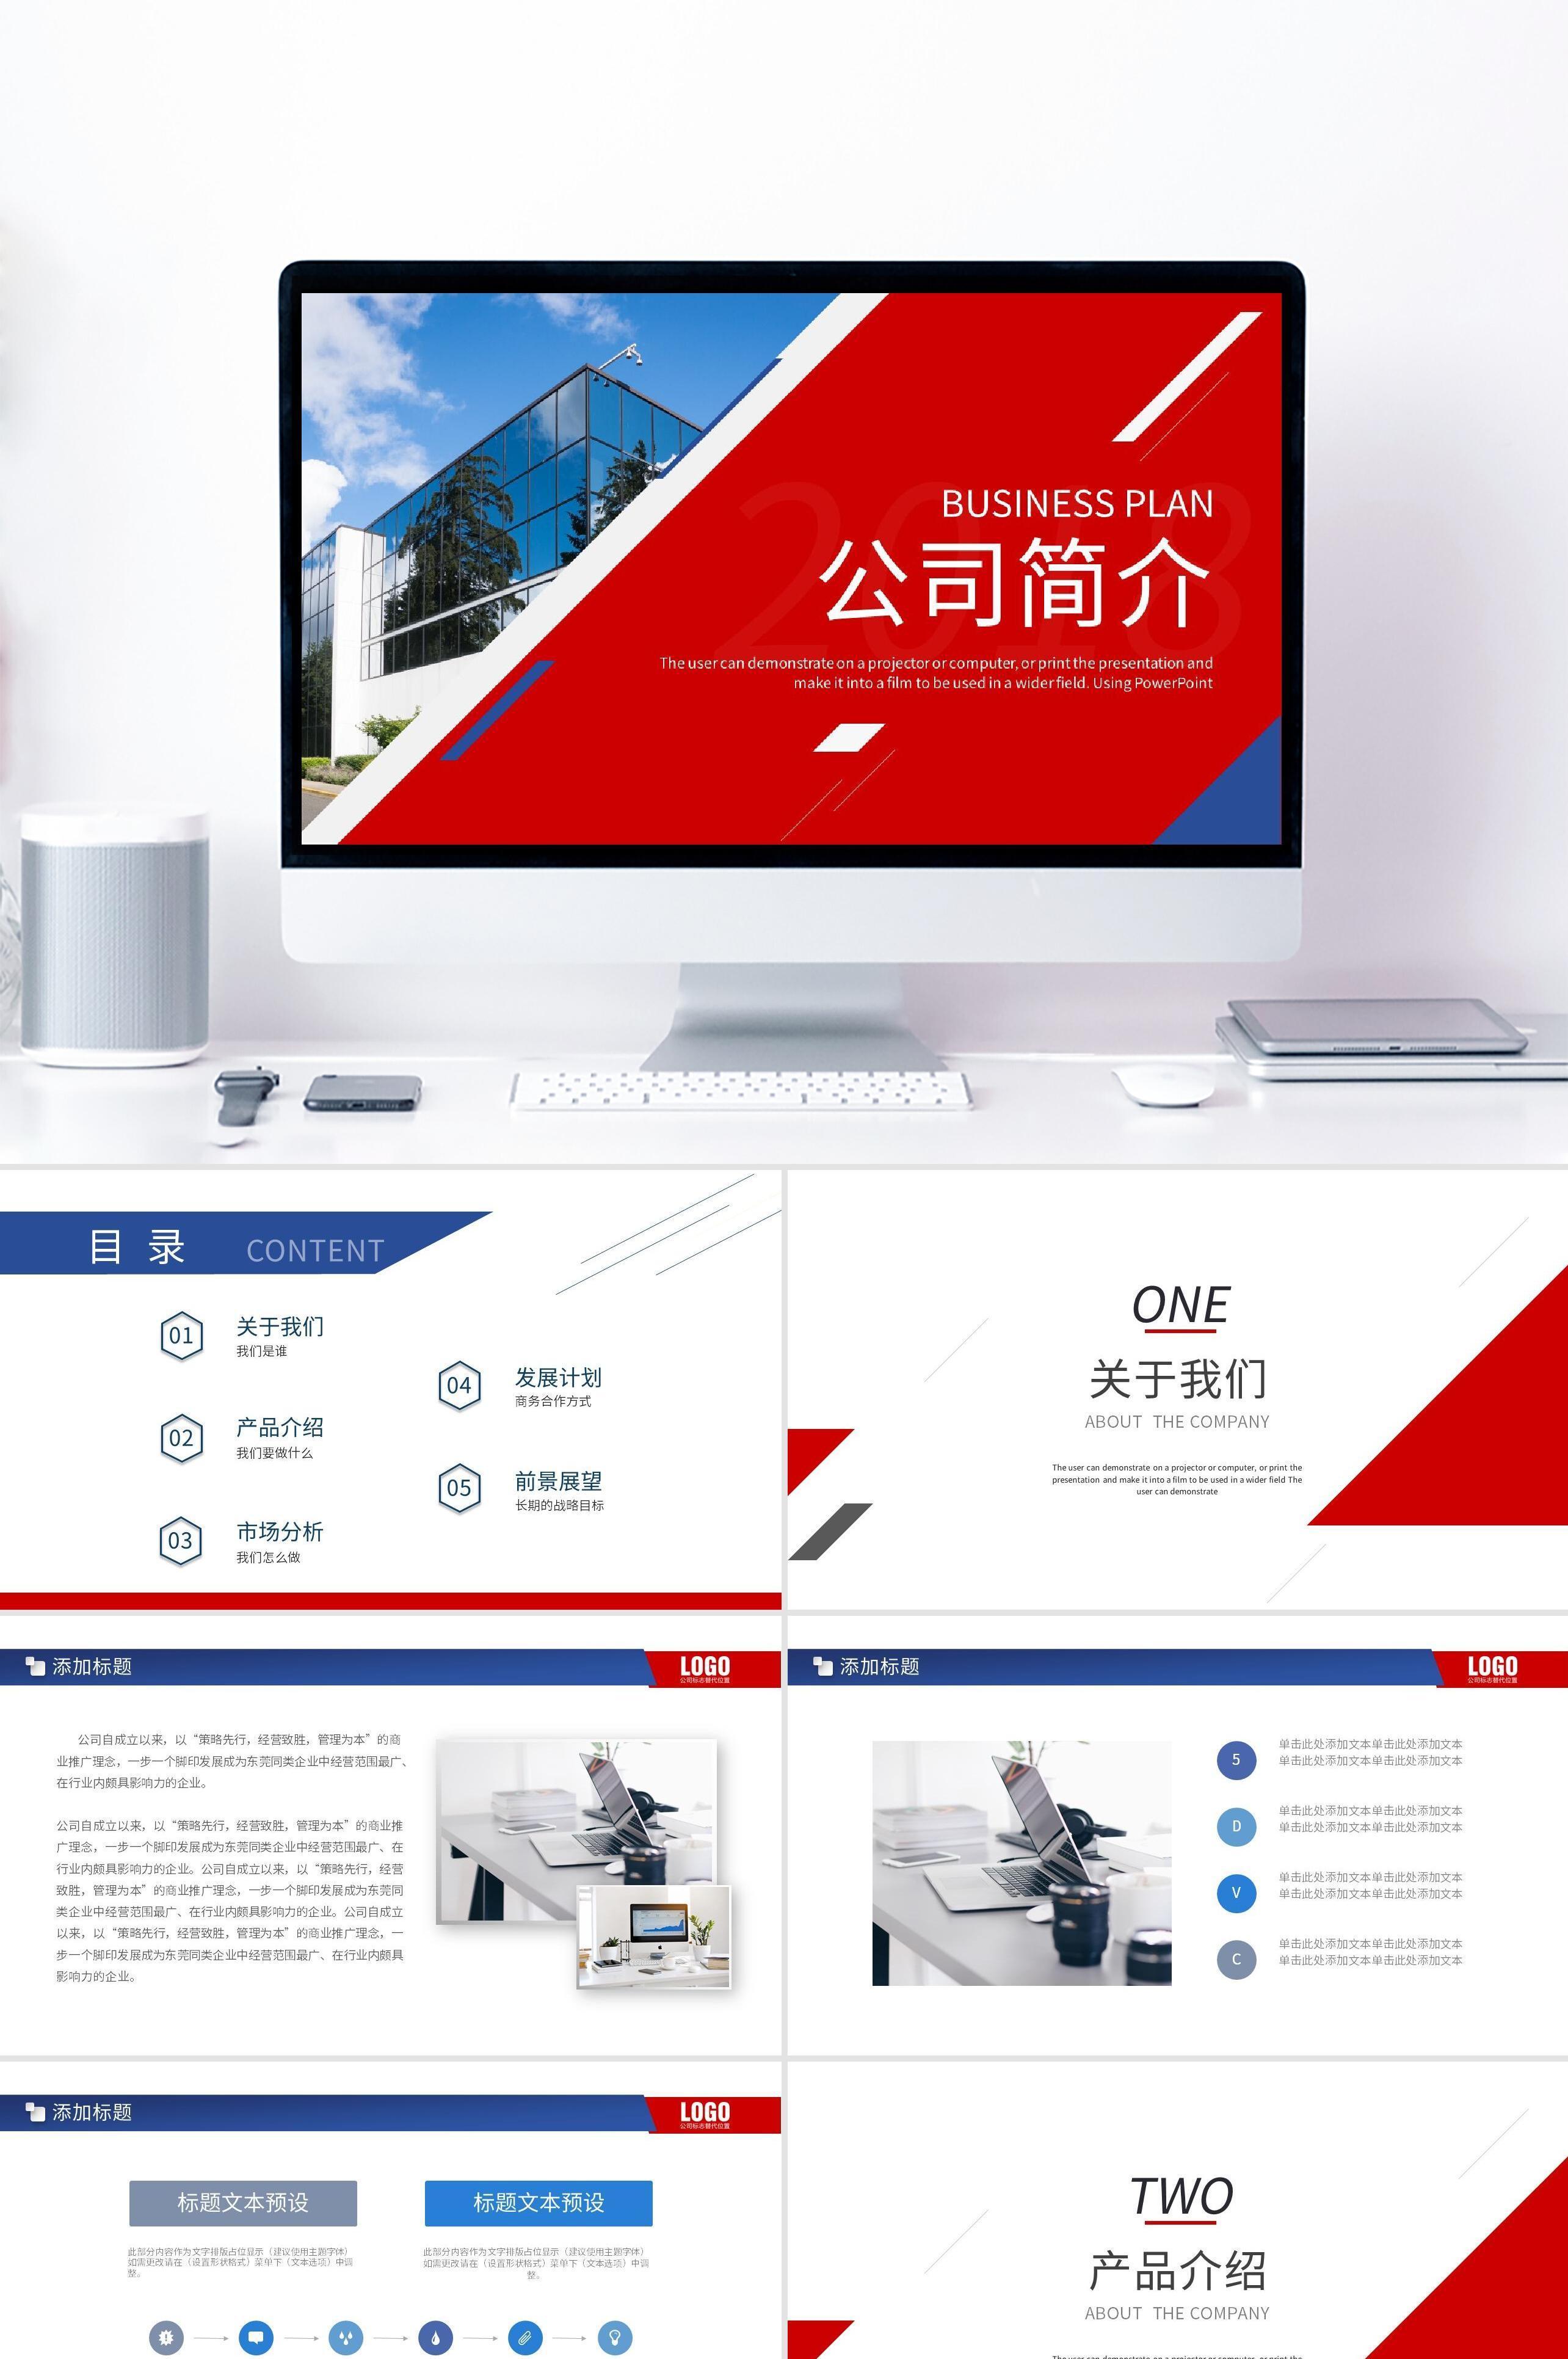 商务简约公司简介企业培训PPT模板